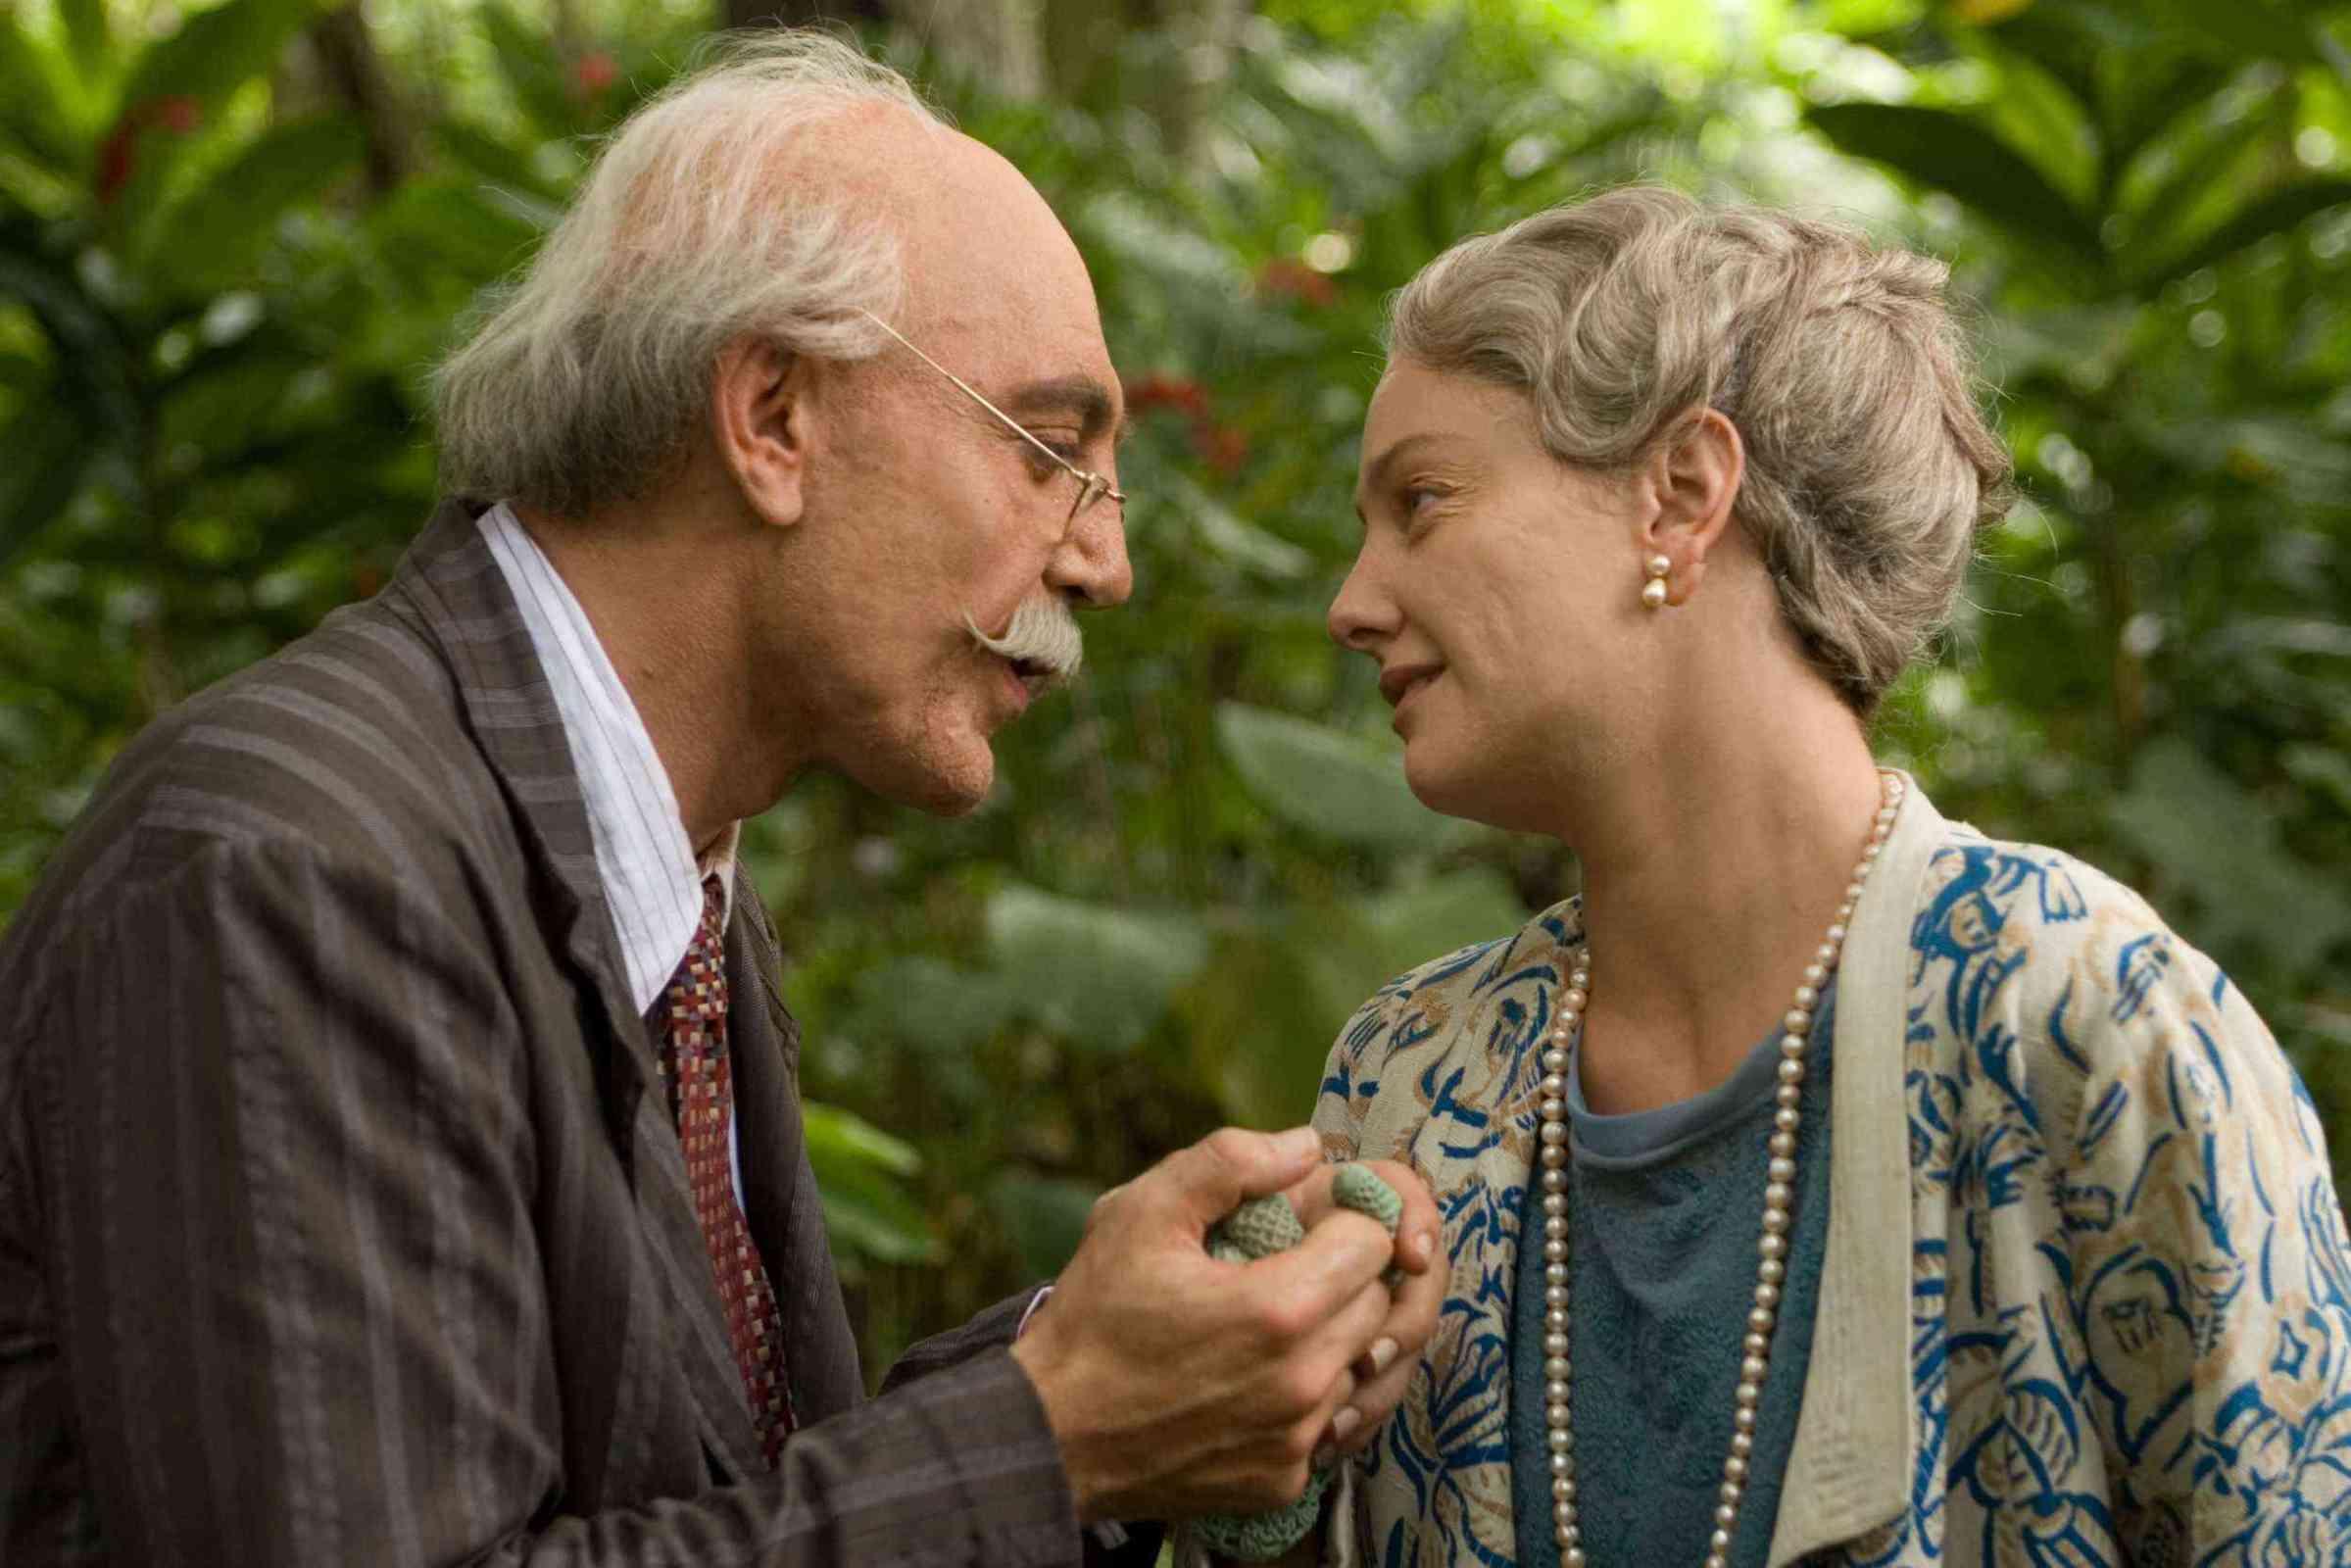 馬奎斯(García Márquez)原著《愛在瘟疫蔓延時》(Love In The Time of Cholera)改編電影